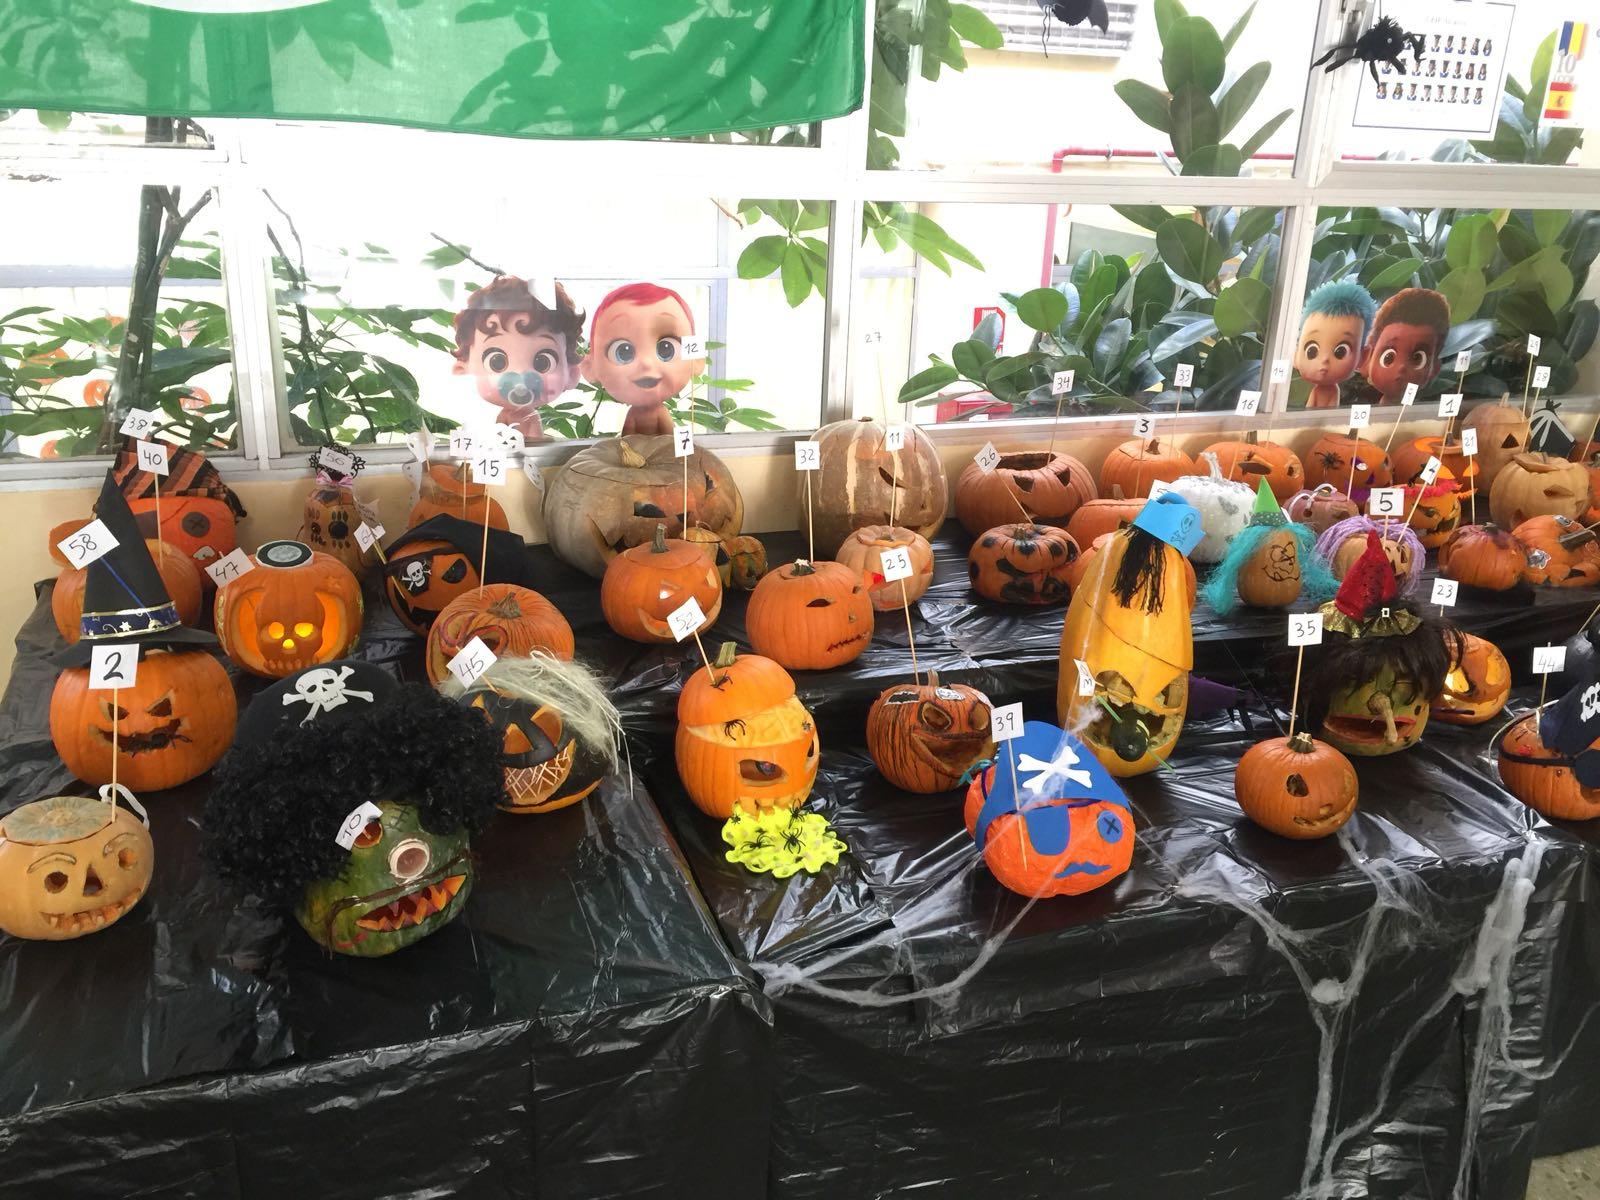 Concurso de calabazas, un motivo festivo para la participación de las familias